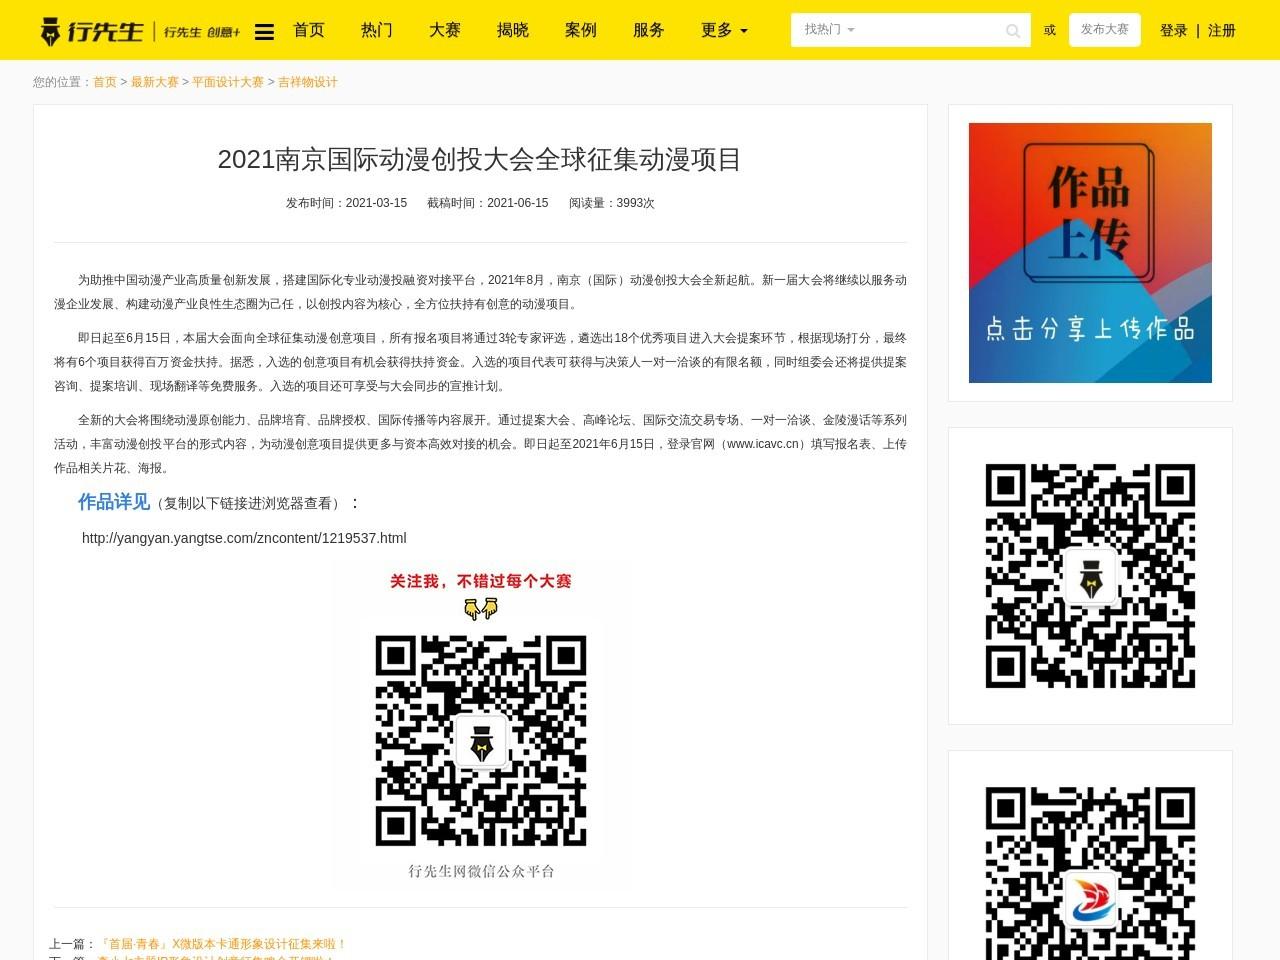 2021南京国际动漫创投大会全球征集动漫项目